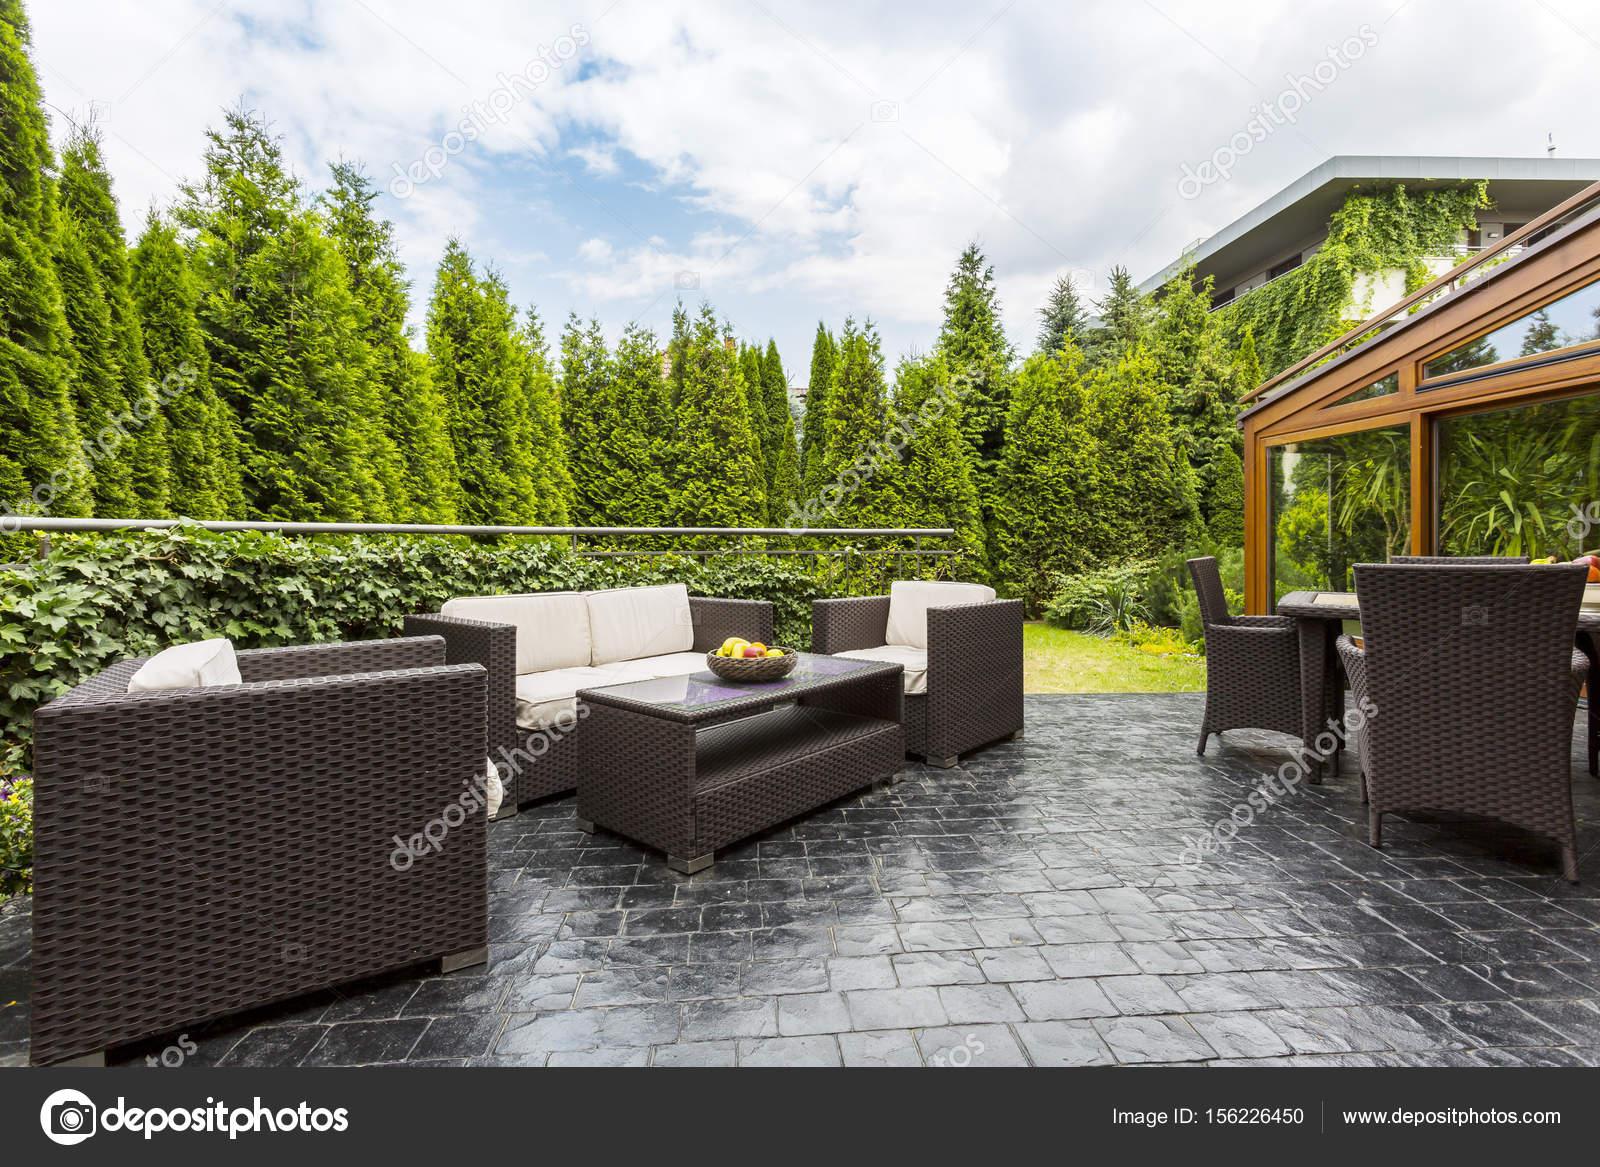 Patio terraza con muebles de jardín — Foto de stock © photographee ...